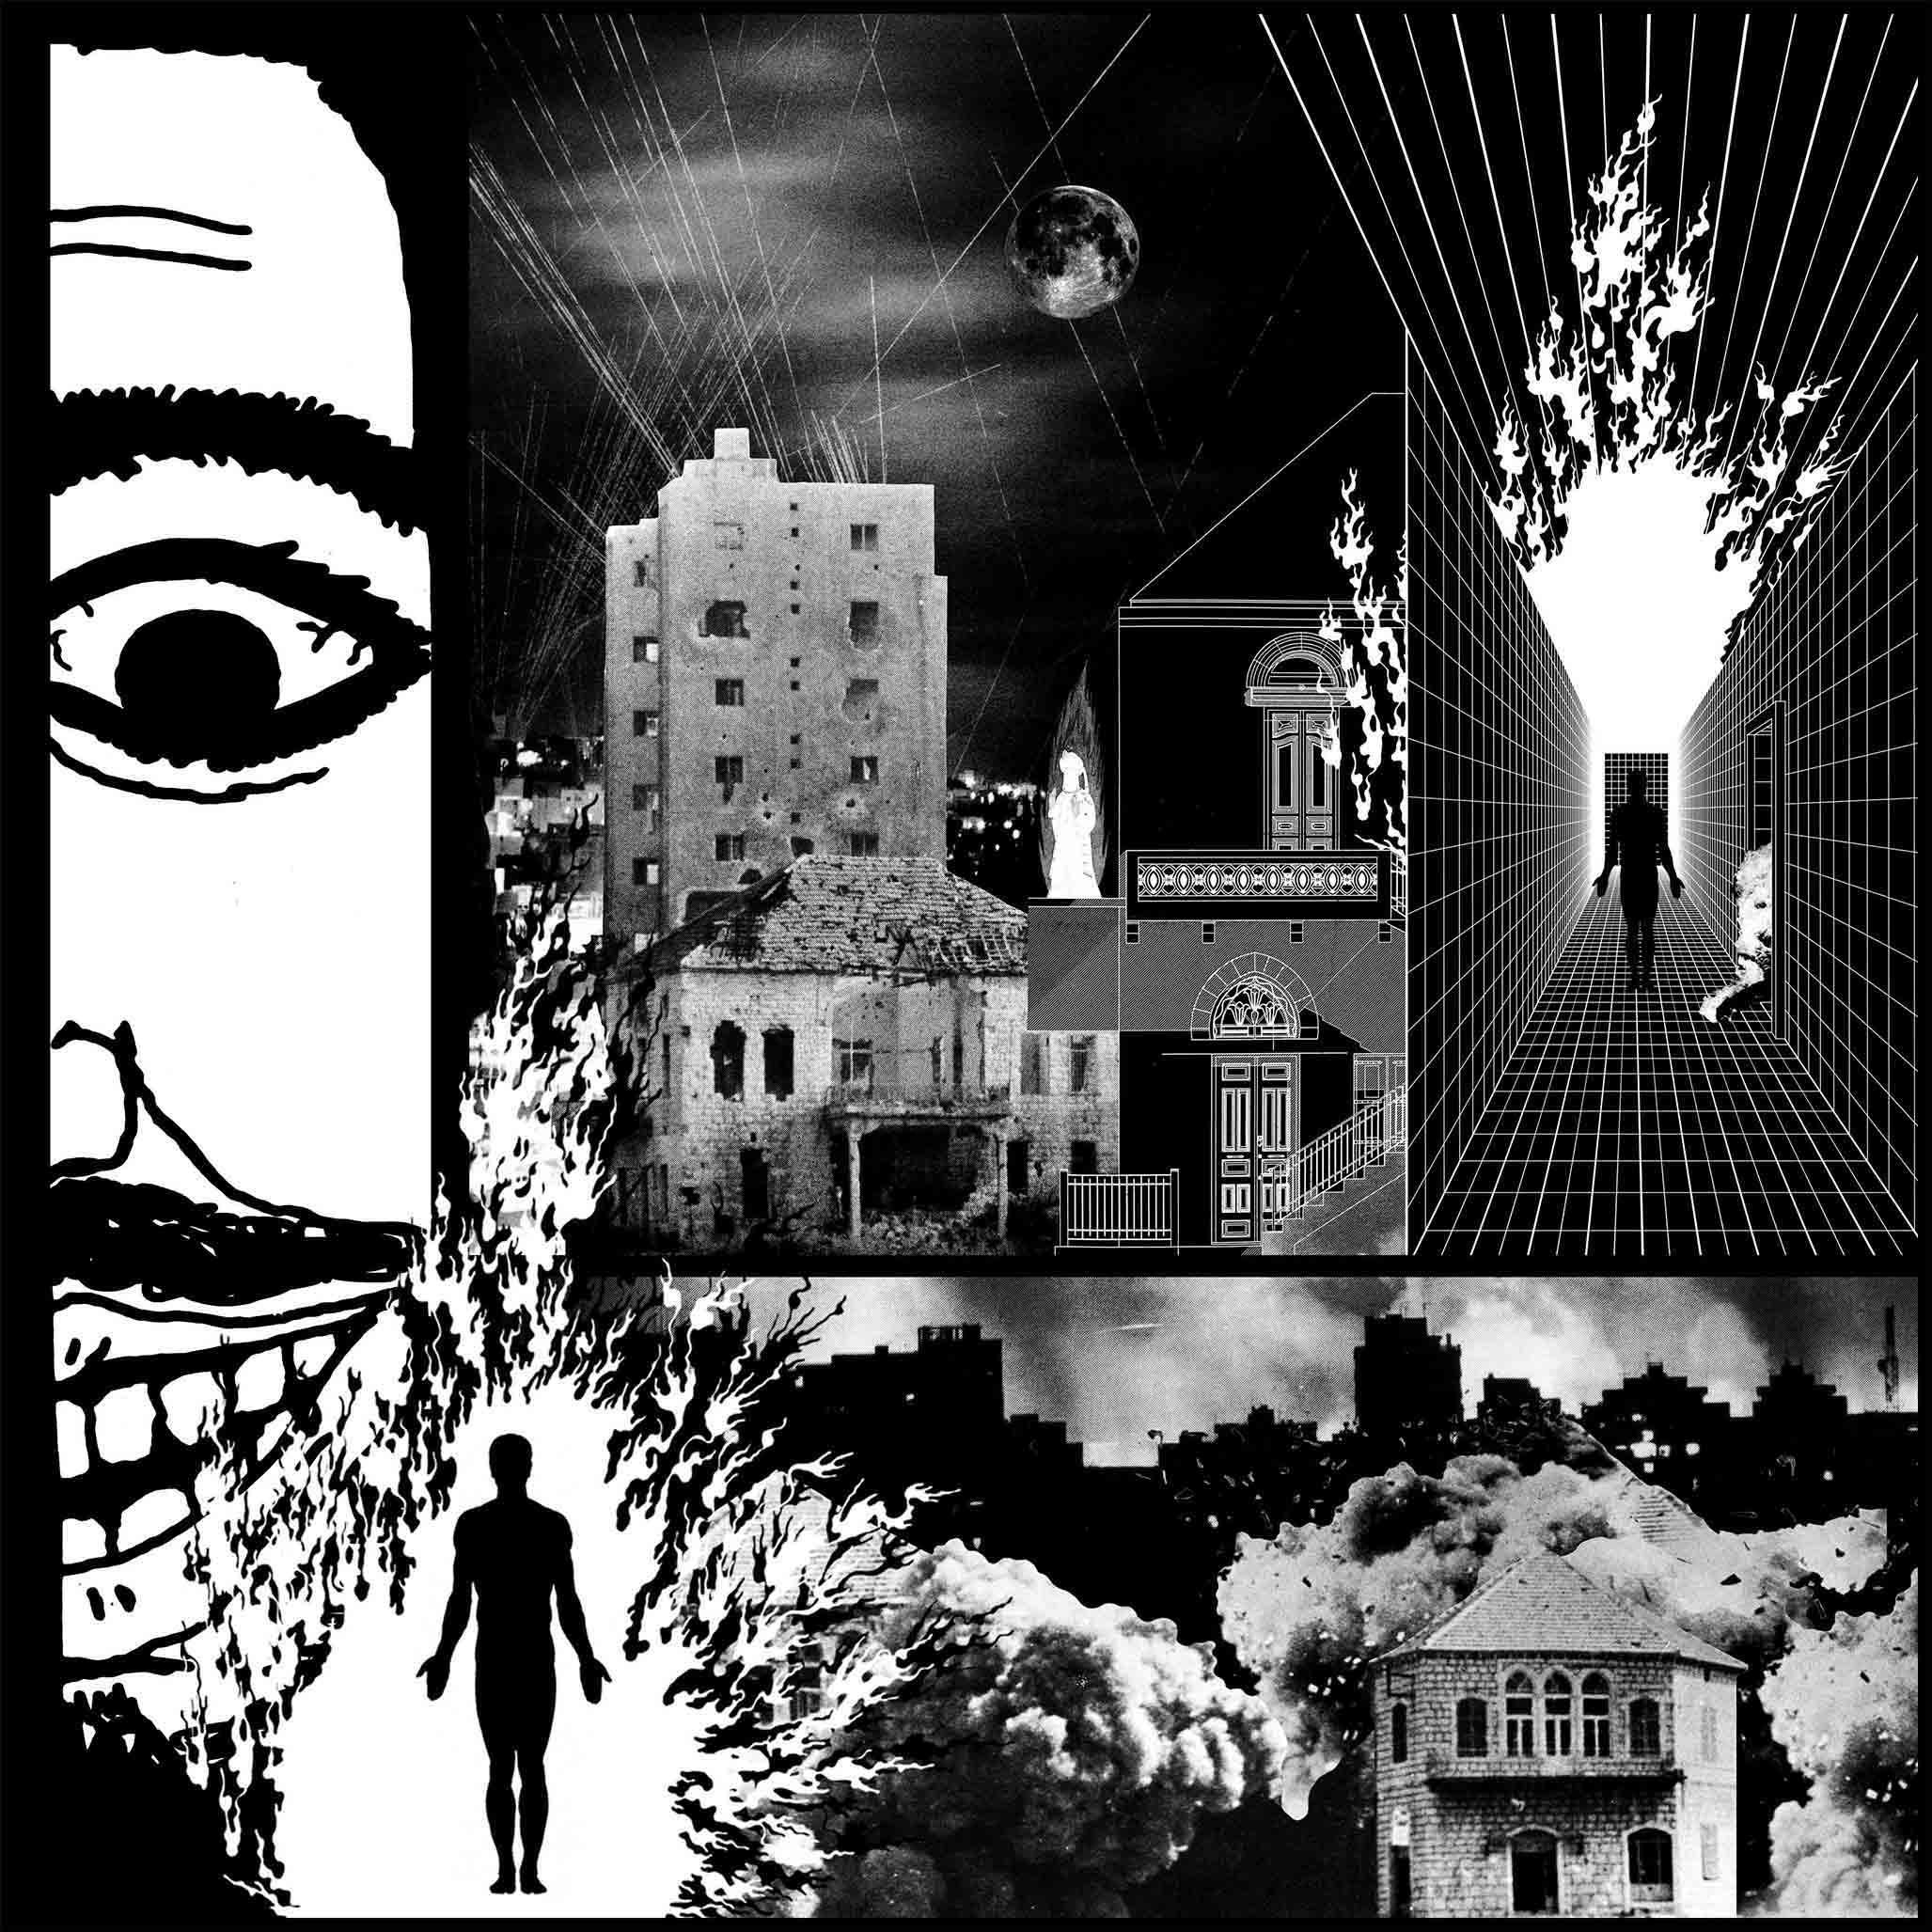 alfred_tarazi_dearmadness_martyr-square-ruin_2017_5_0005_alfred_tarazi_dearmadness_house-nightmare-man-fire-corridor-roo.jpg